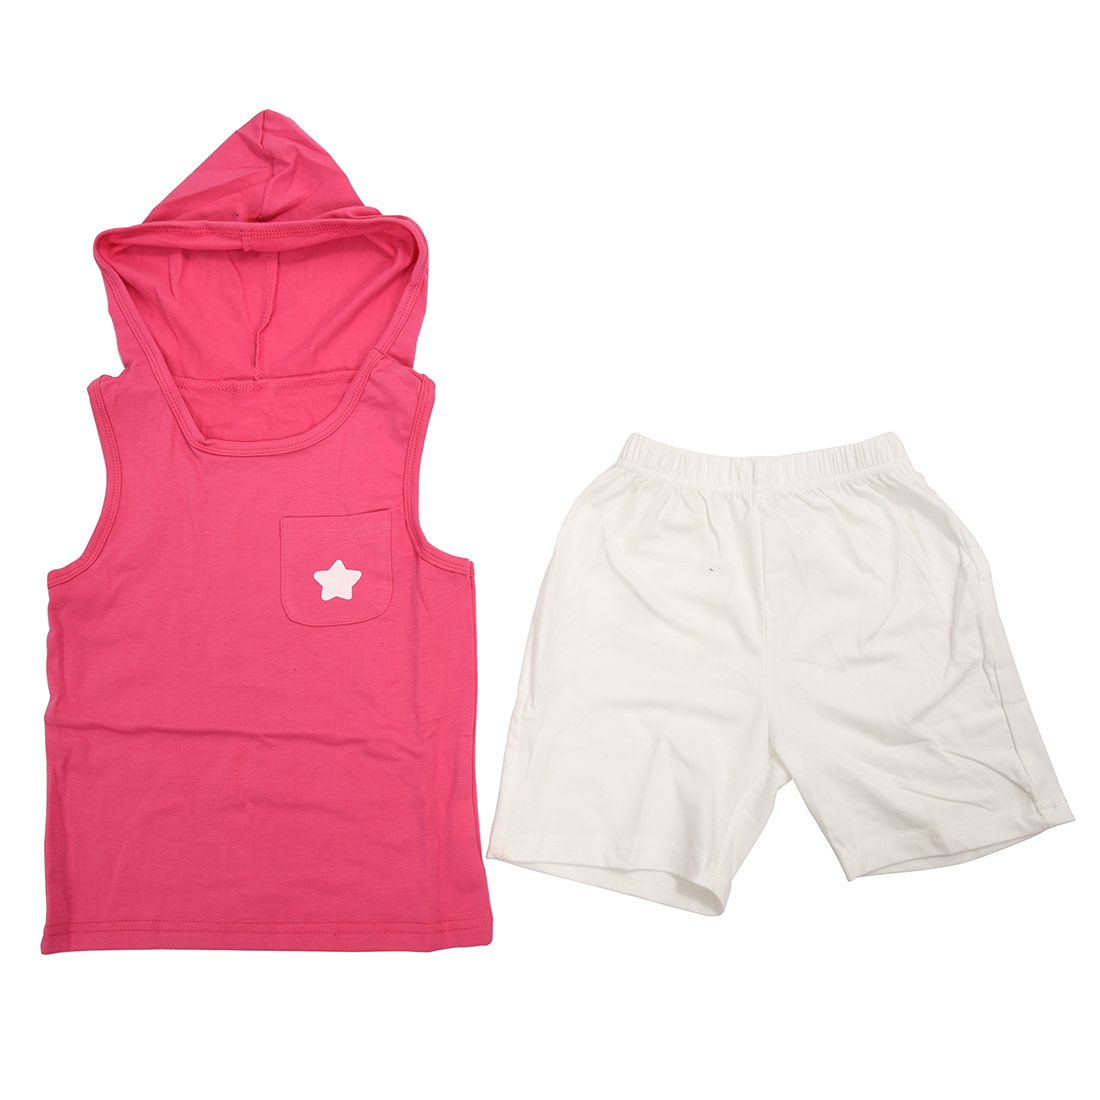 Для мальчиков и девочек детская одежда из хлопка летняя одежда Детские комплект одежды для детей комплект жилет + короткие с капюшоном спор...